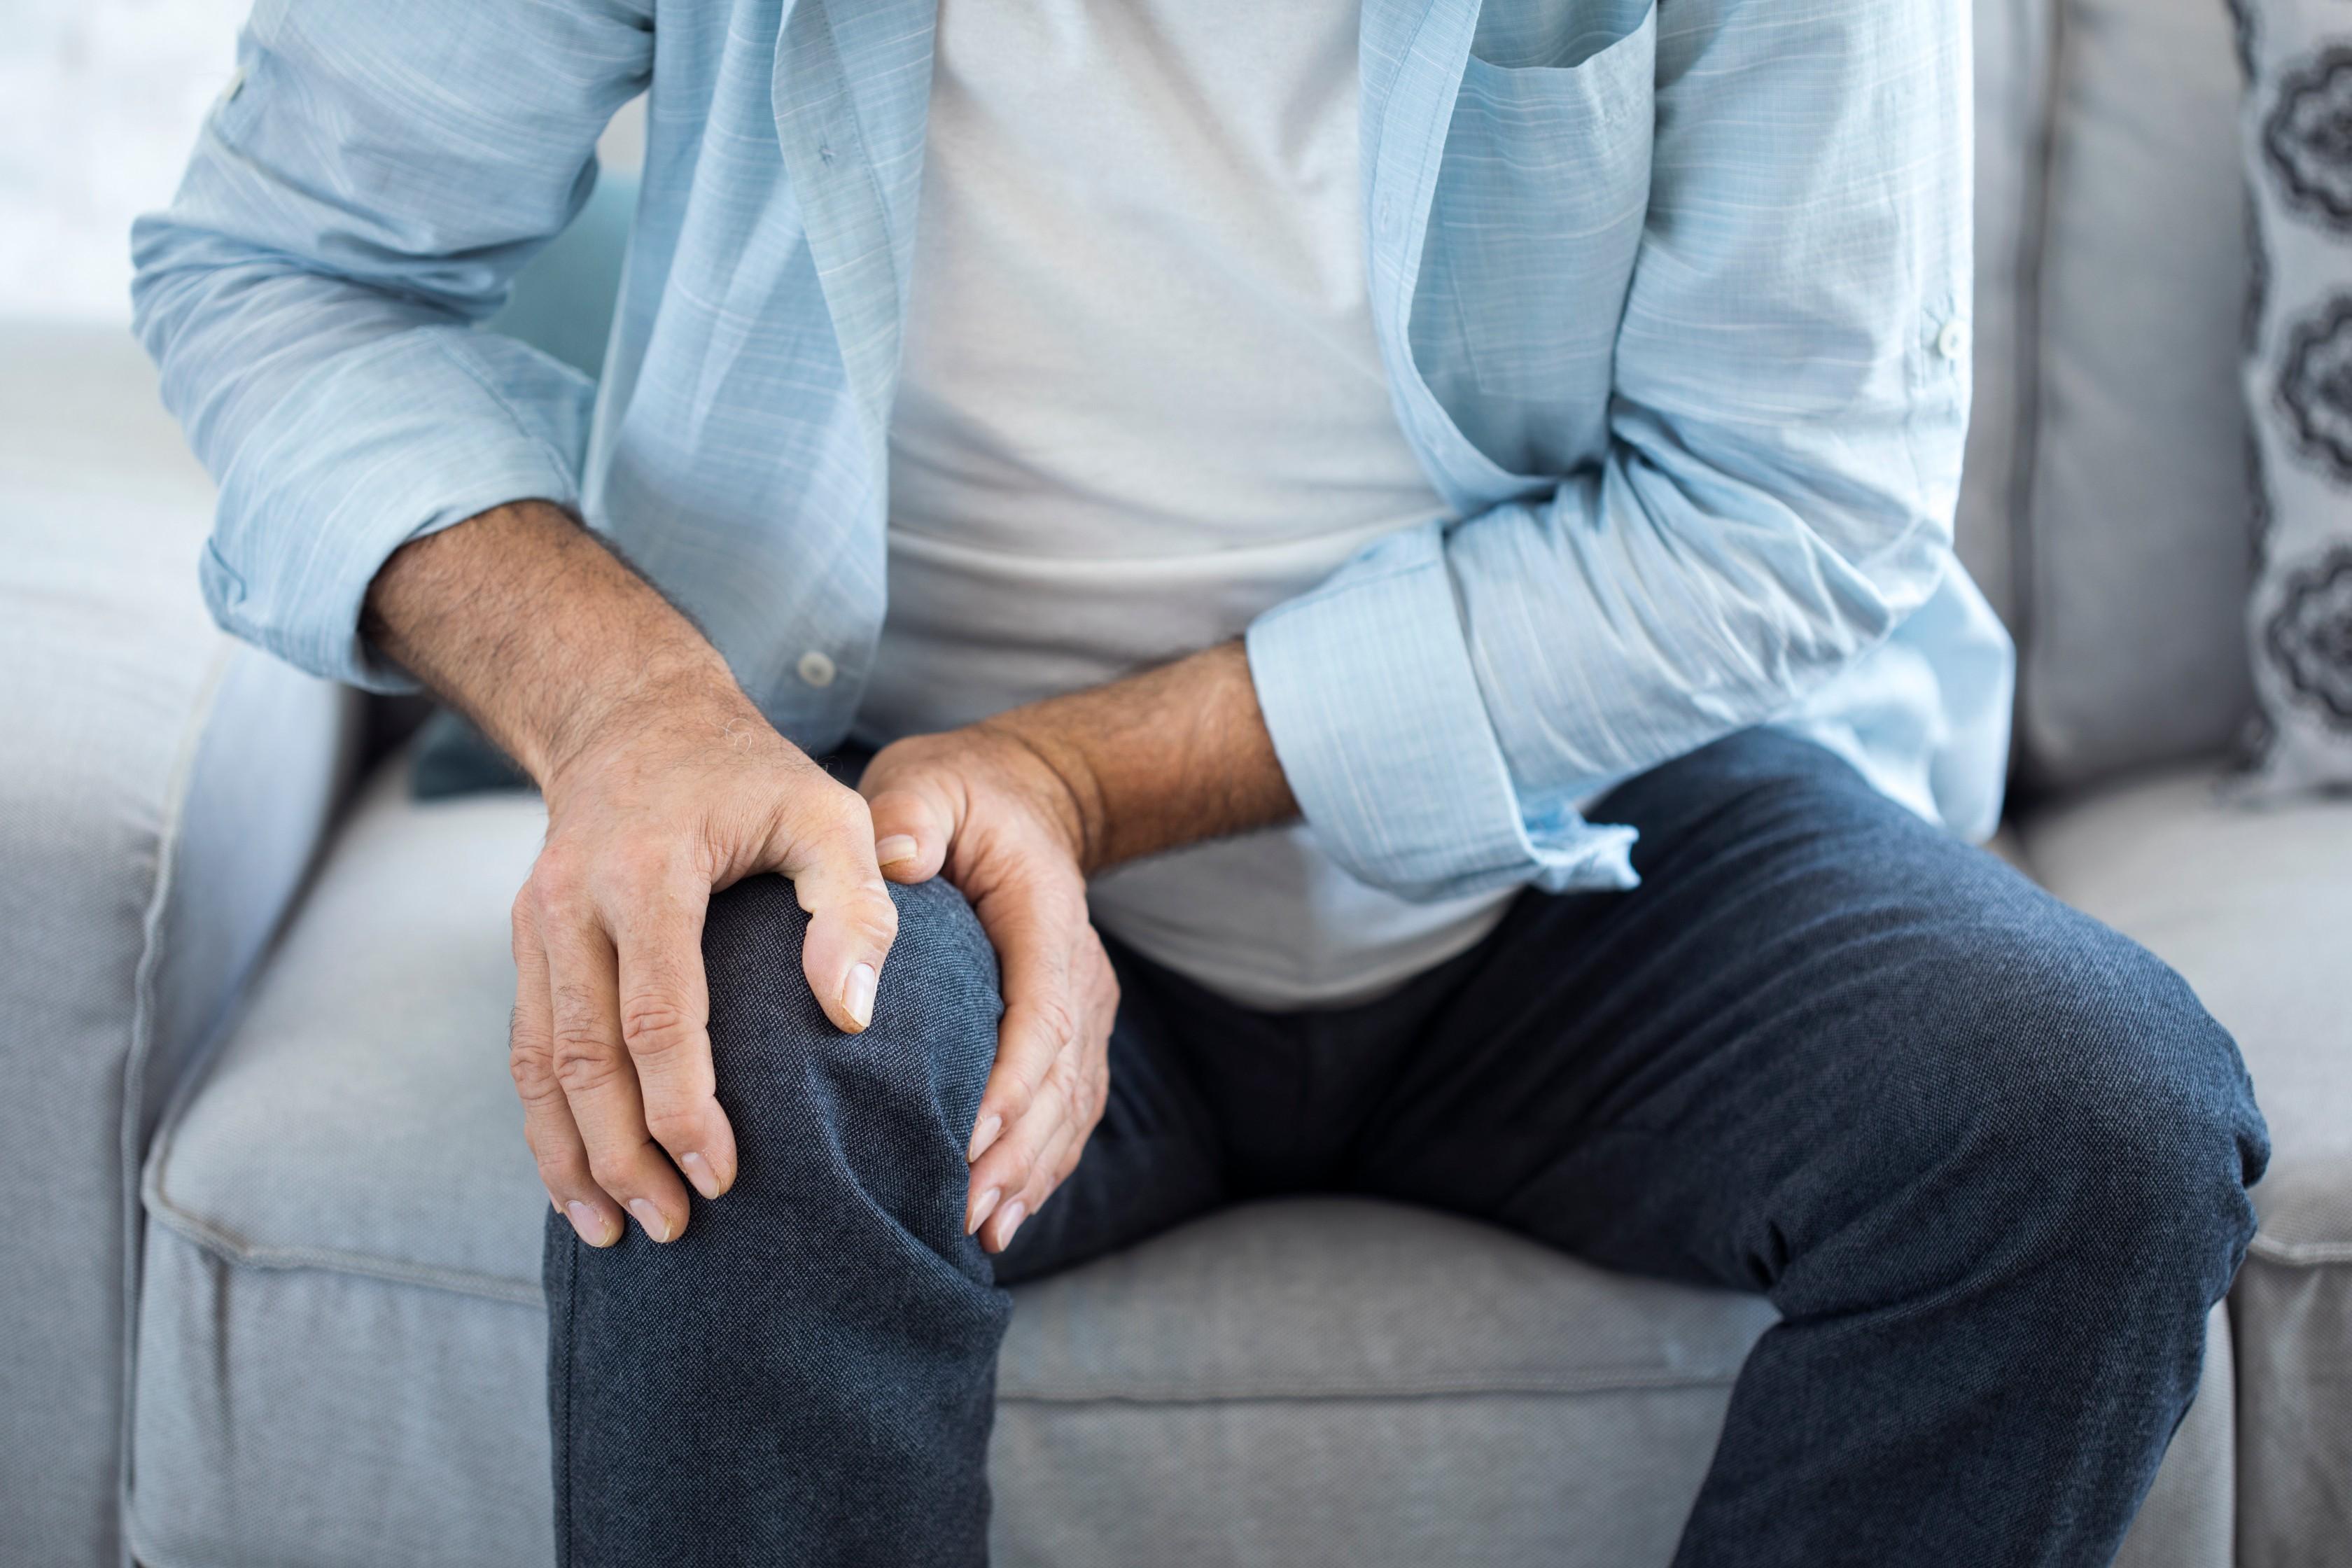 ízületi fájdalom a lábujjkezelés során)